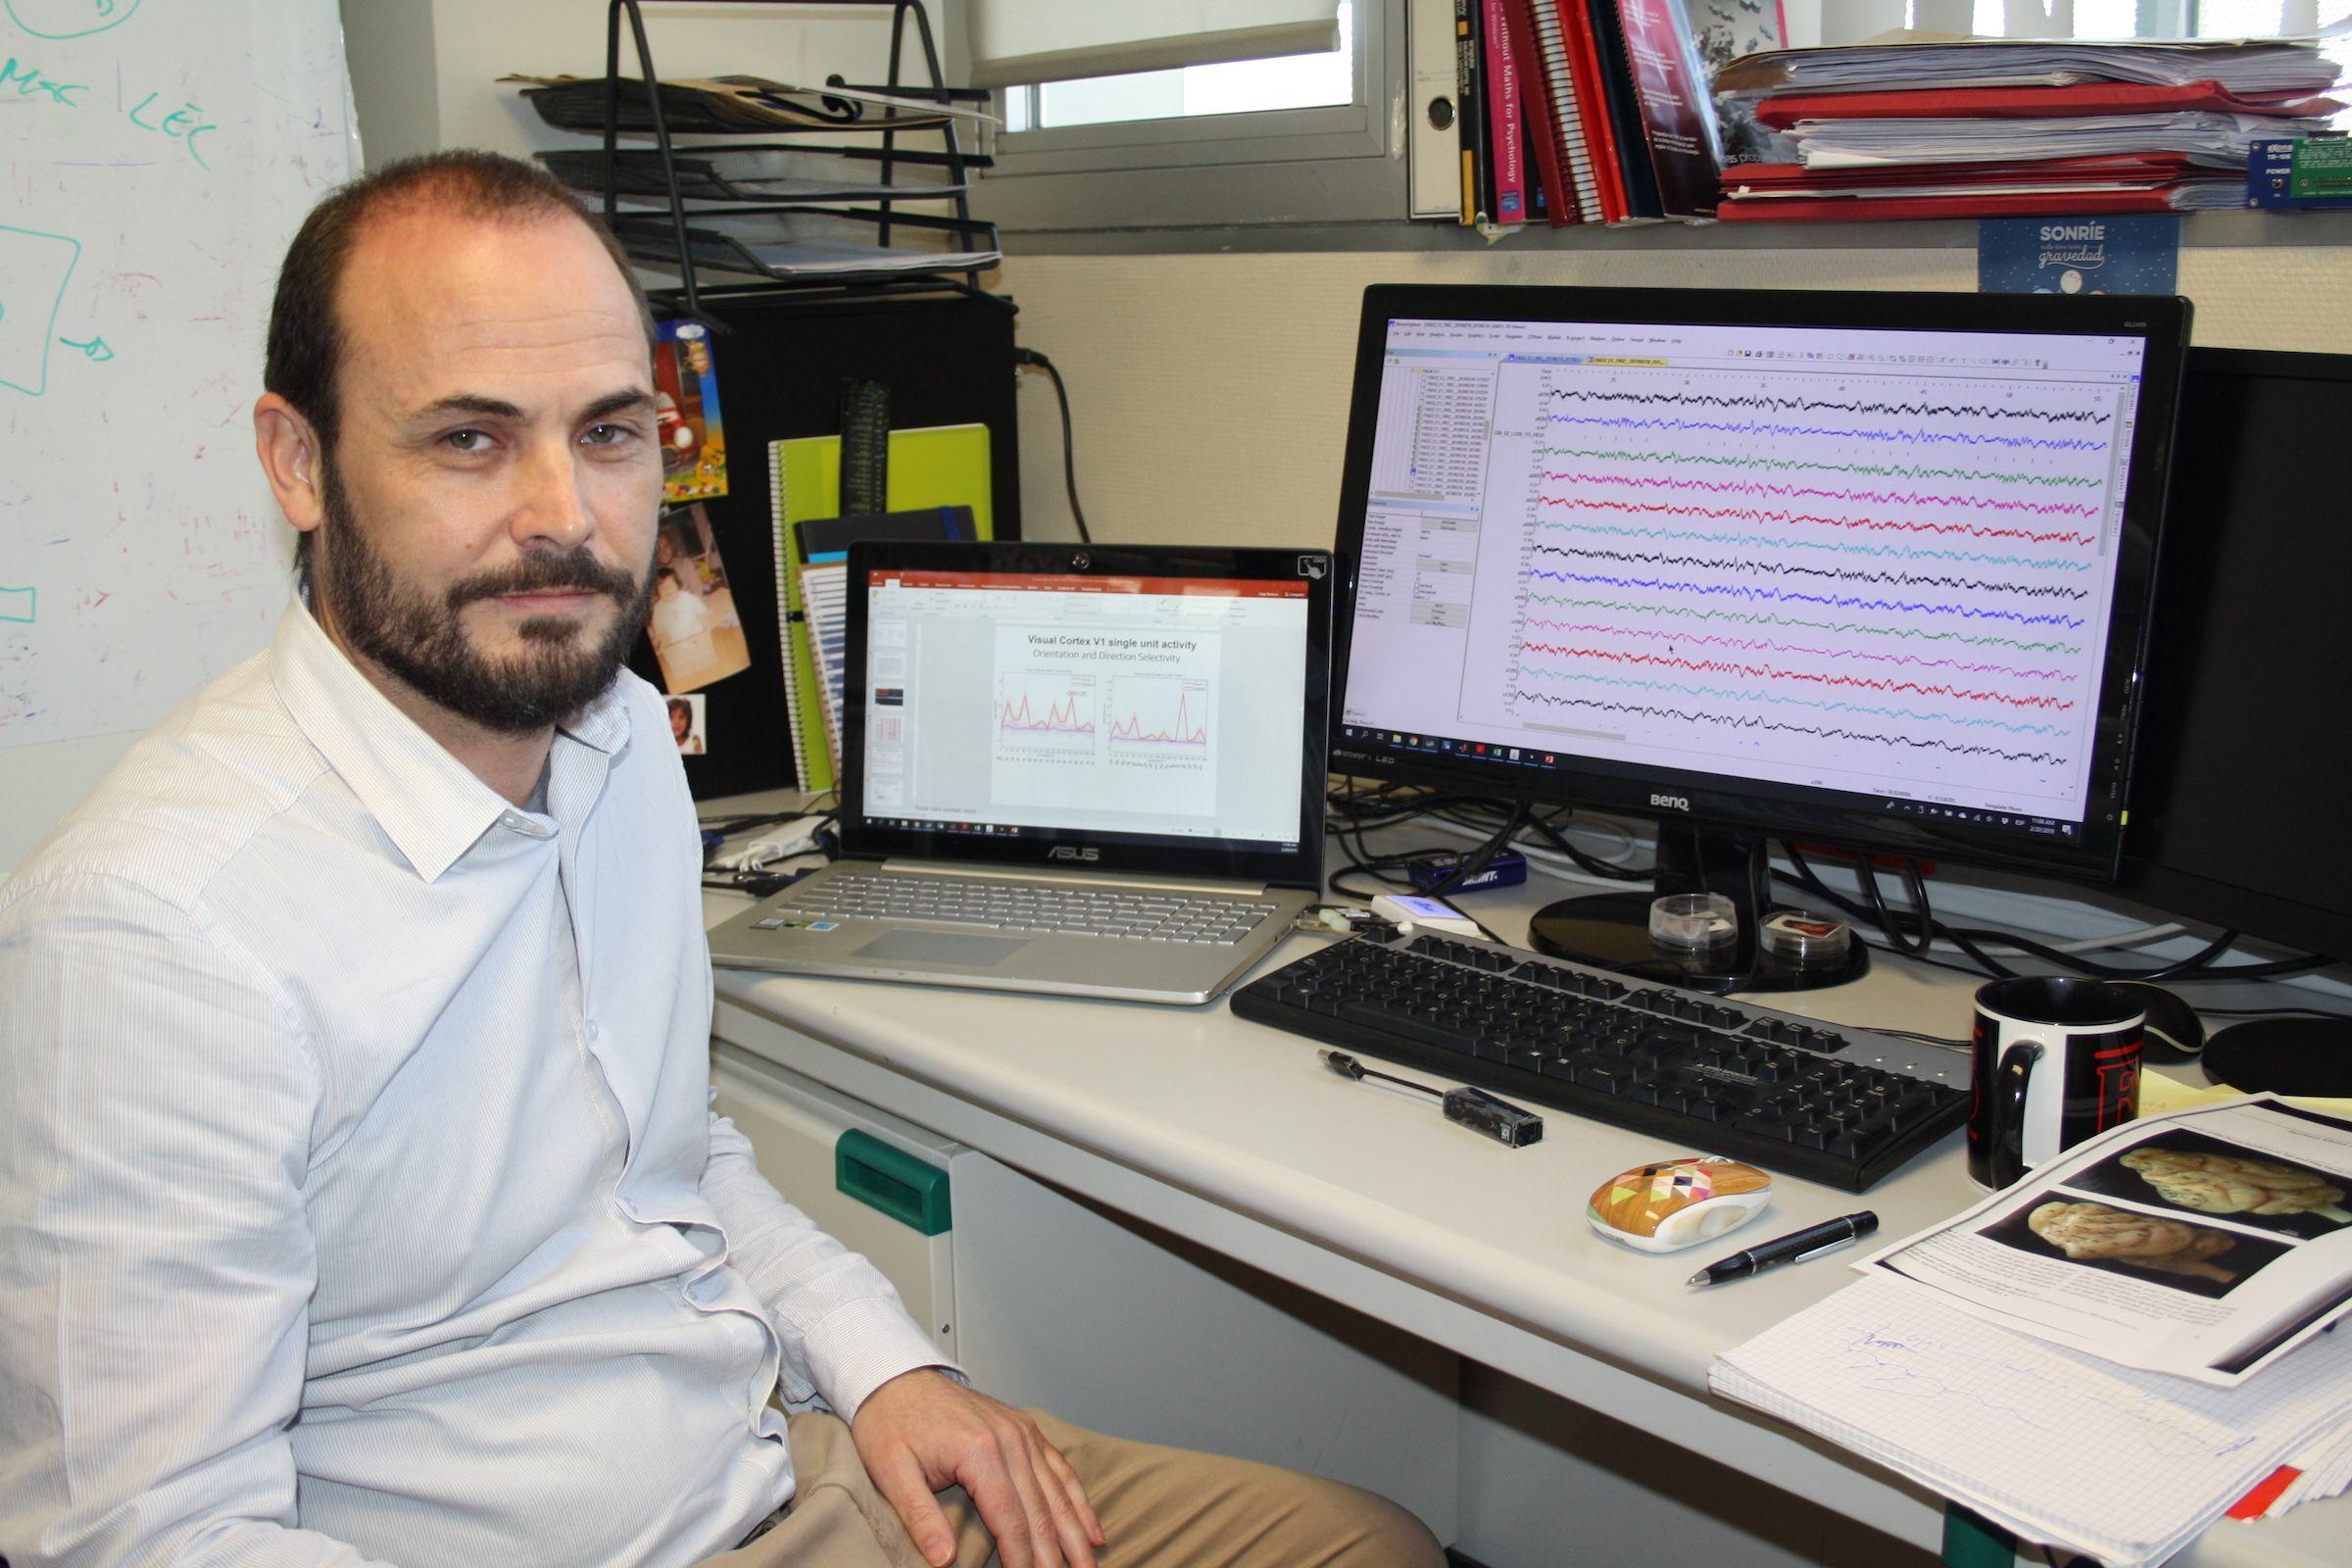 El profesor Jorge Brotons Mas, del Departamento de Ciencias Biomédicas de la Universidad CEU Cardenal Herrera en Elche, ha iniciado la colaboración con el Instituto de Neurociencias UMH-CSIC.